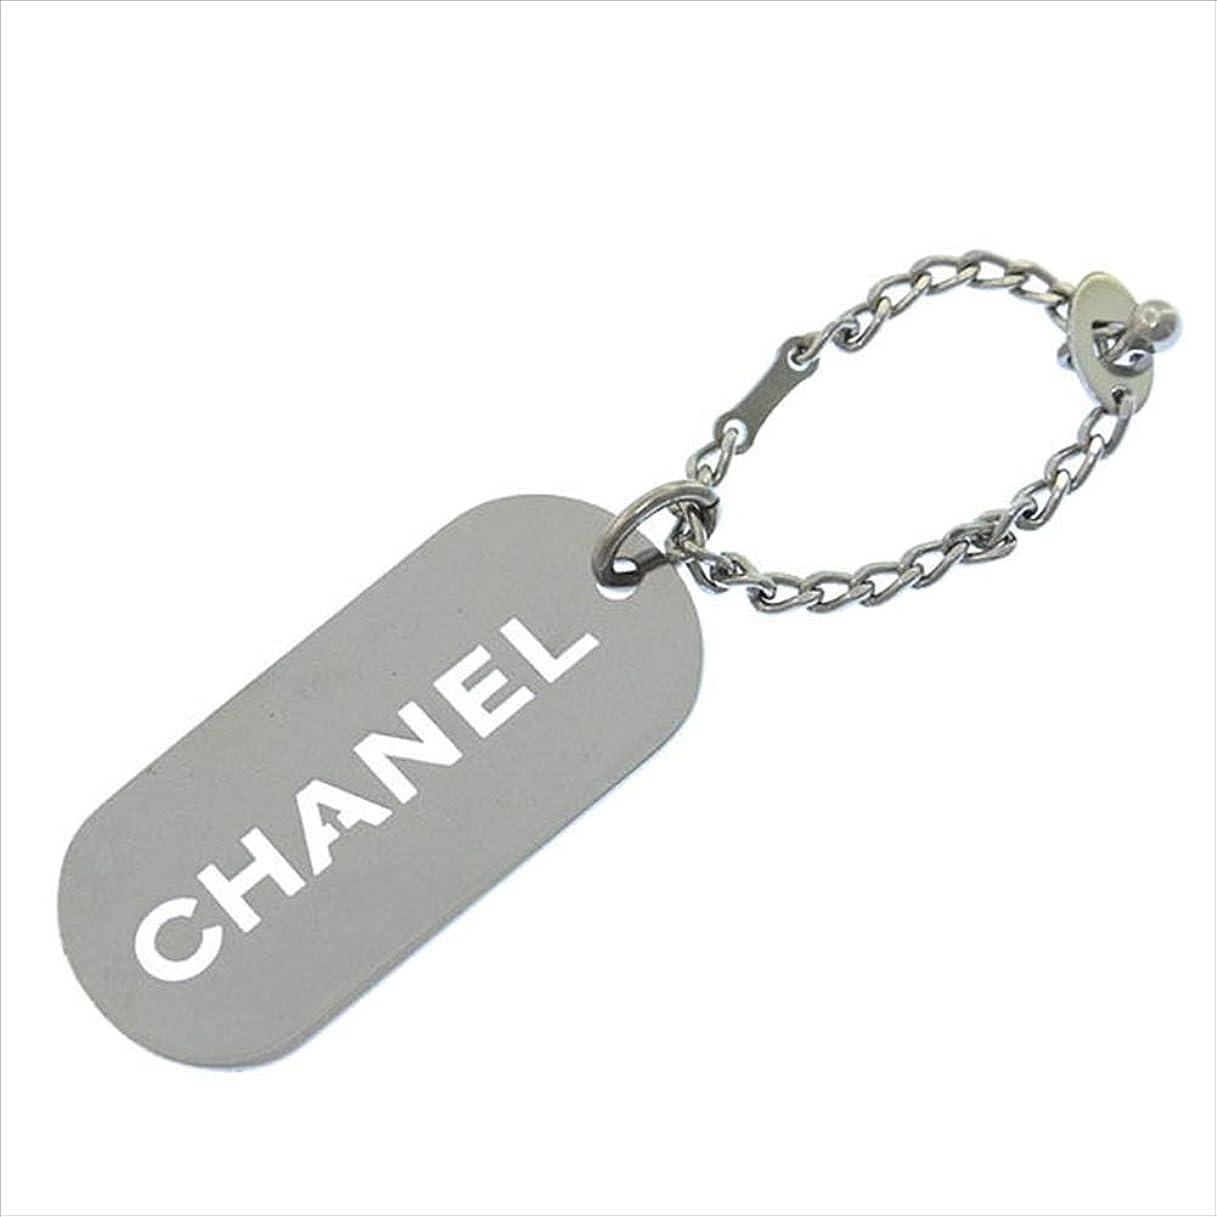 拮抗抽象土シャネル CHANEL キーホルダー チャーム メンズ可 ロゴ型抜きプレート 中古 T11897